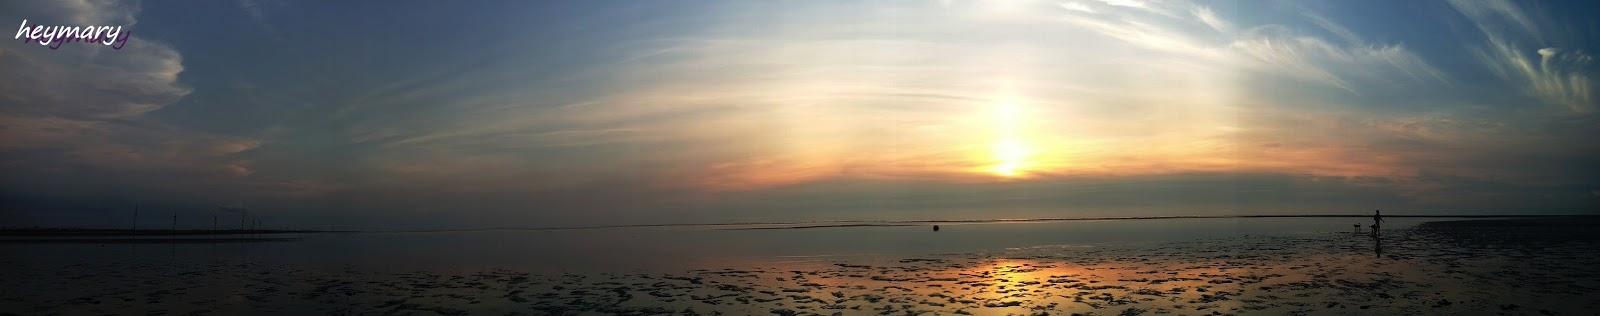 大安漁港|大安溫寮漁港|塭寮漁港|